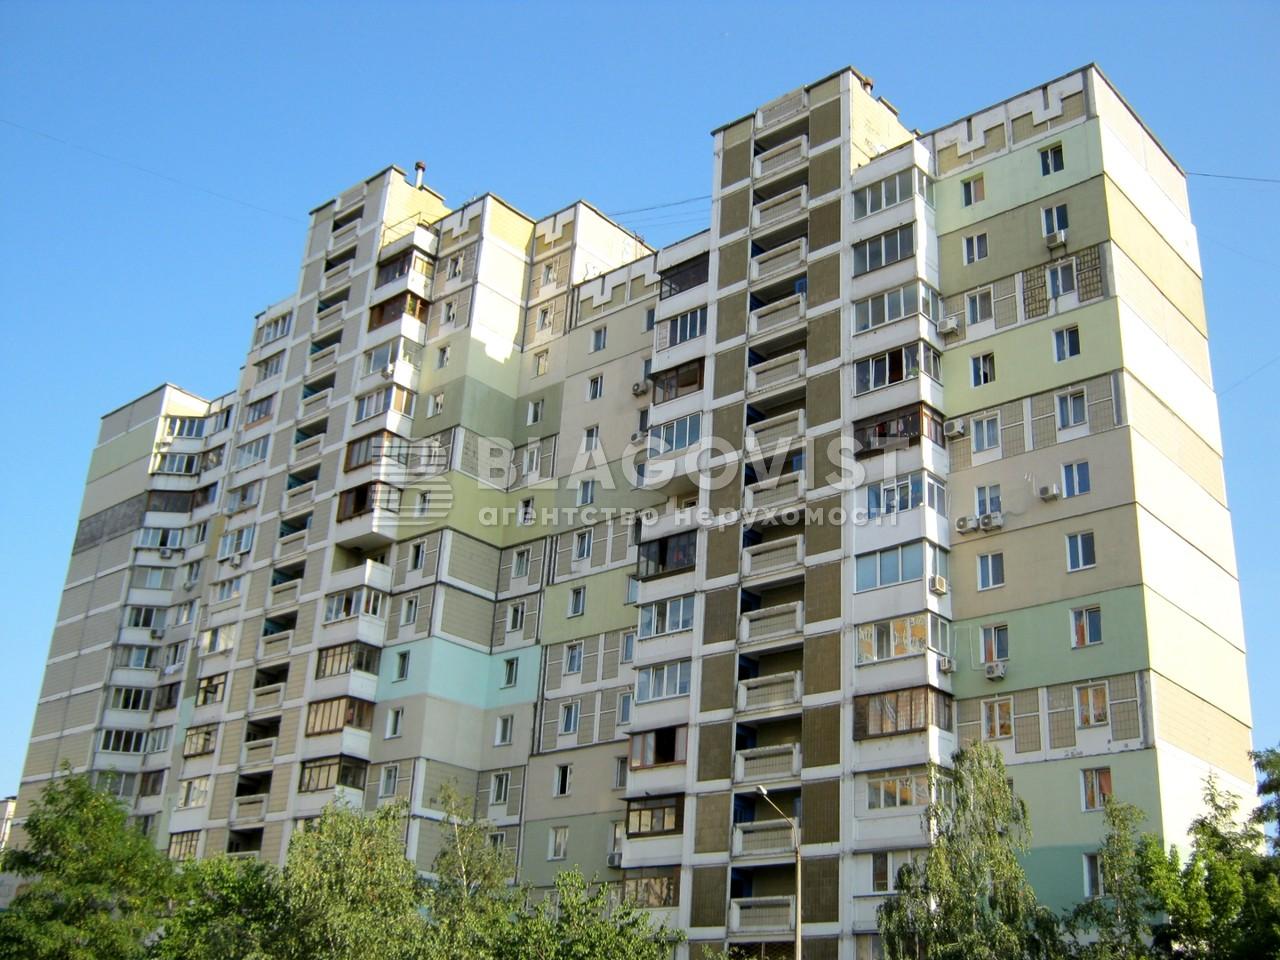 Квартира F-36556, Мишуги Александра, 1/4, Киев - Фото 6